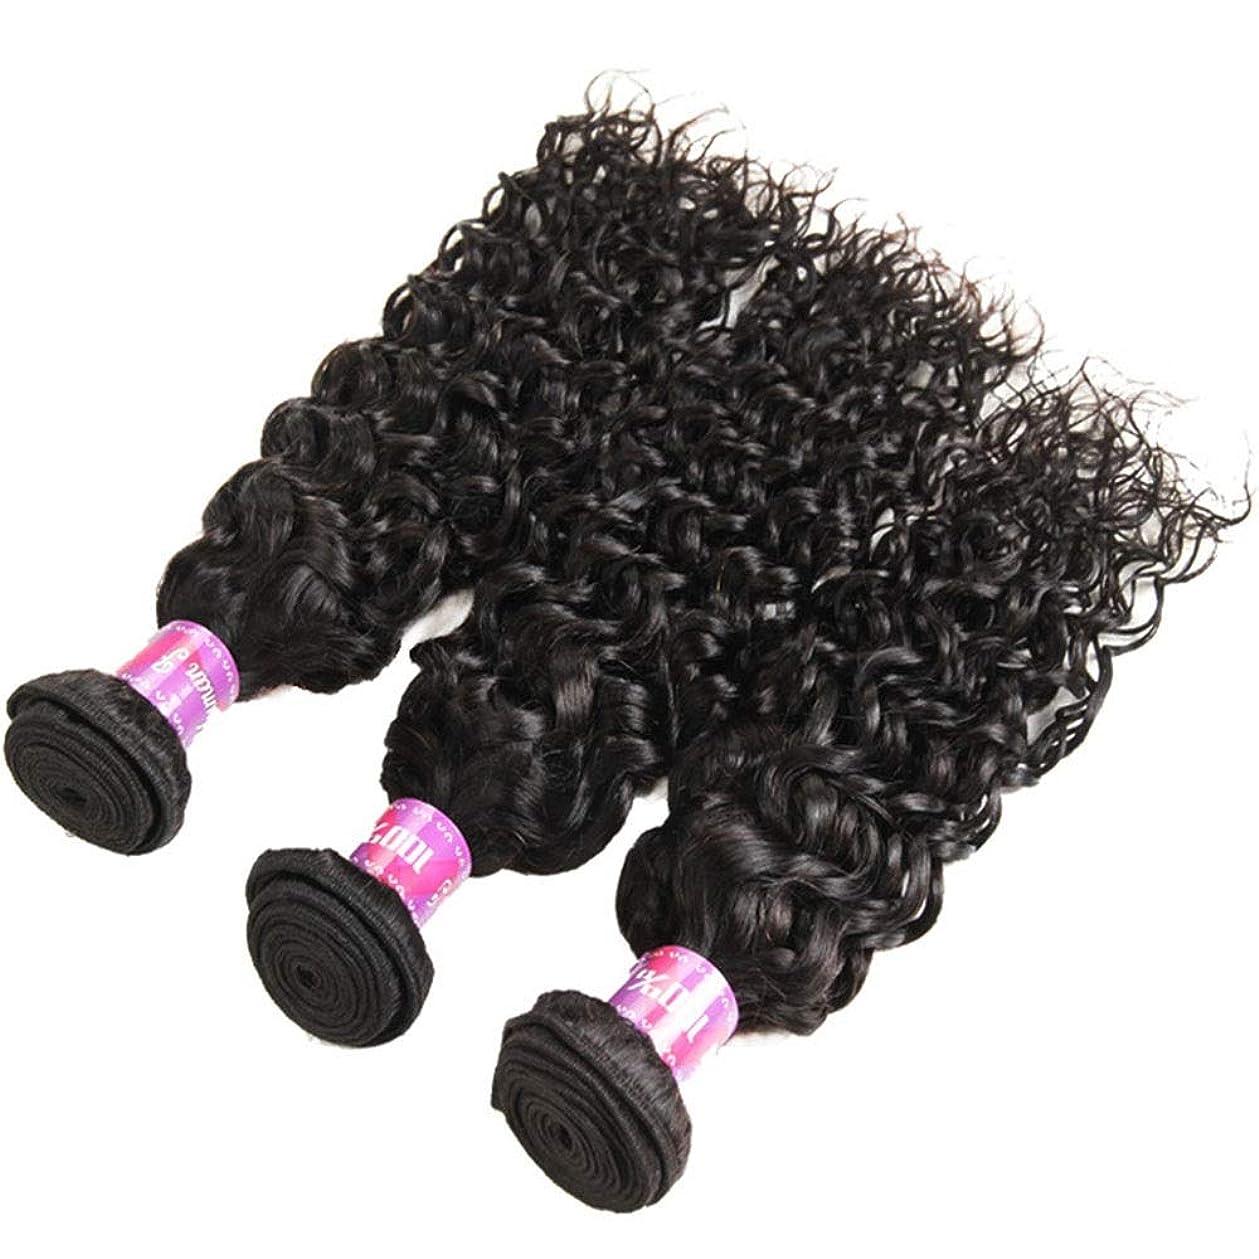 ジャングル今晩ソーシャルYrattary 人間の髪の毛の束ブラジルの髪の束水の波髪織りバンドルエクステンションカーリーヘアバンドルナチュラルカラー12インチ26インチ女性の合成かつらレースかつらロールプレイングかつら (色 : 黒, サイズ : 14 inch)